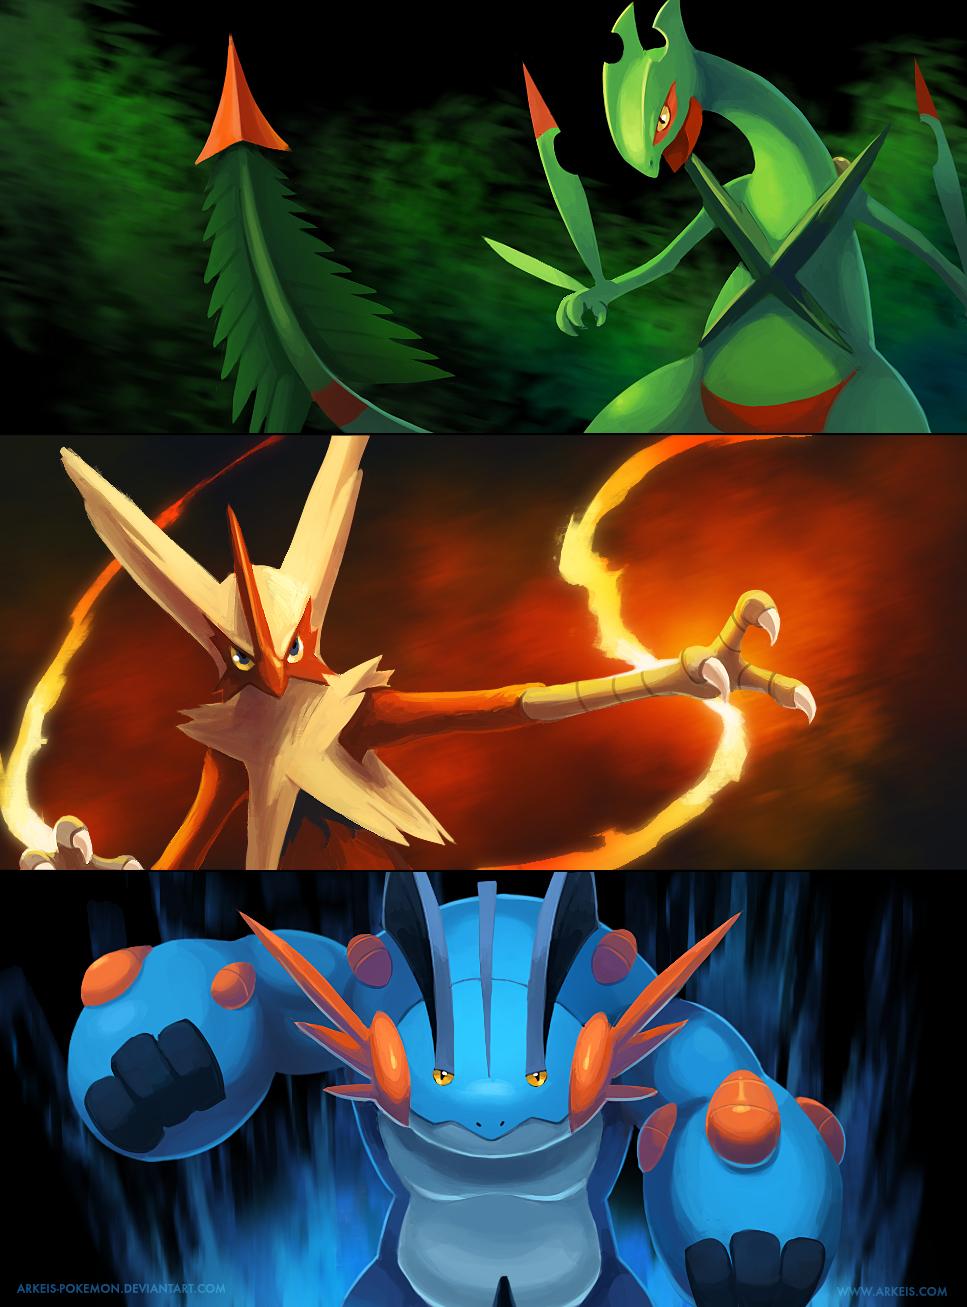 Mega Hoenn Starters By Arkeis Pokemon On Deviantart